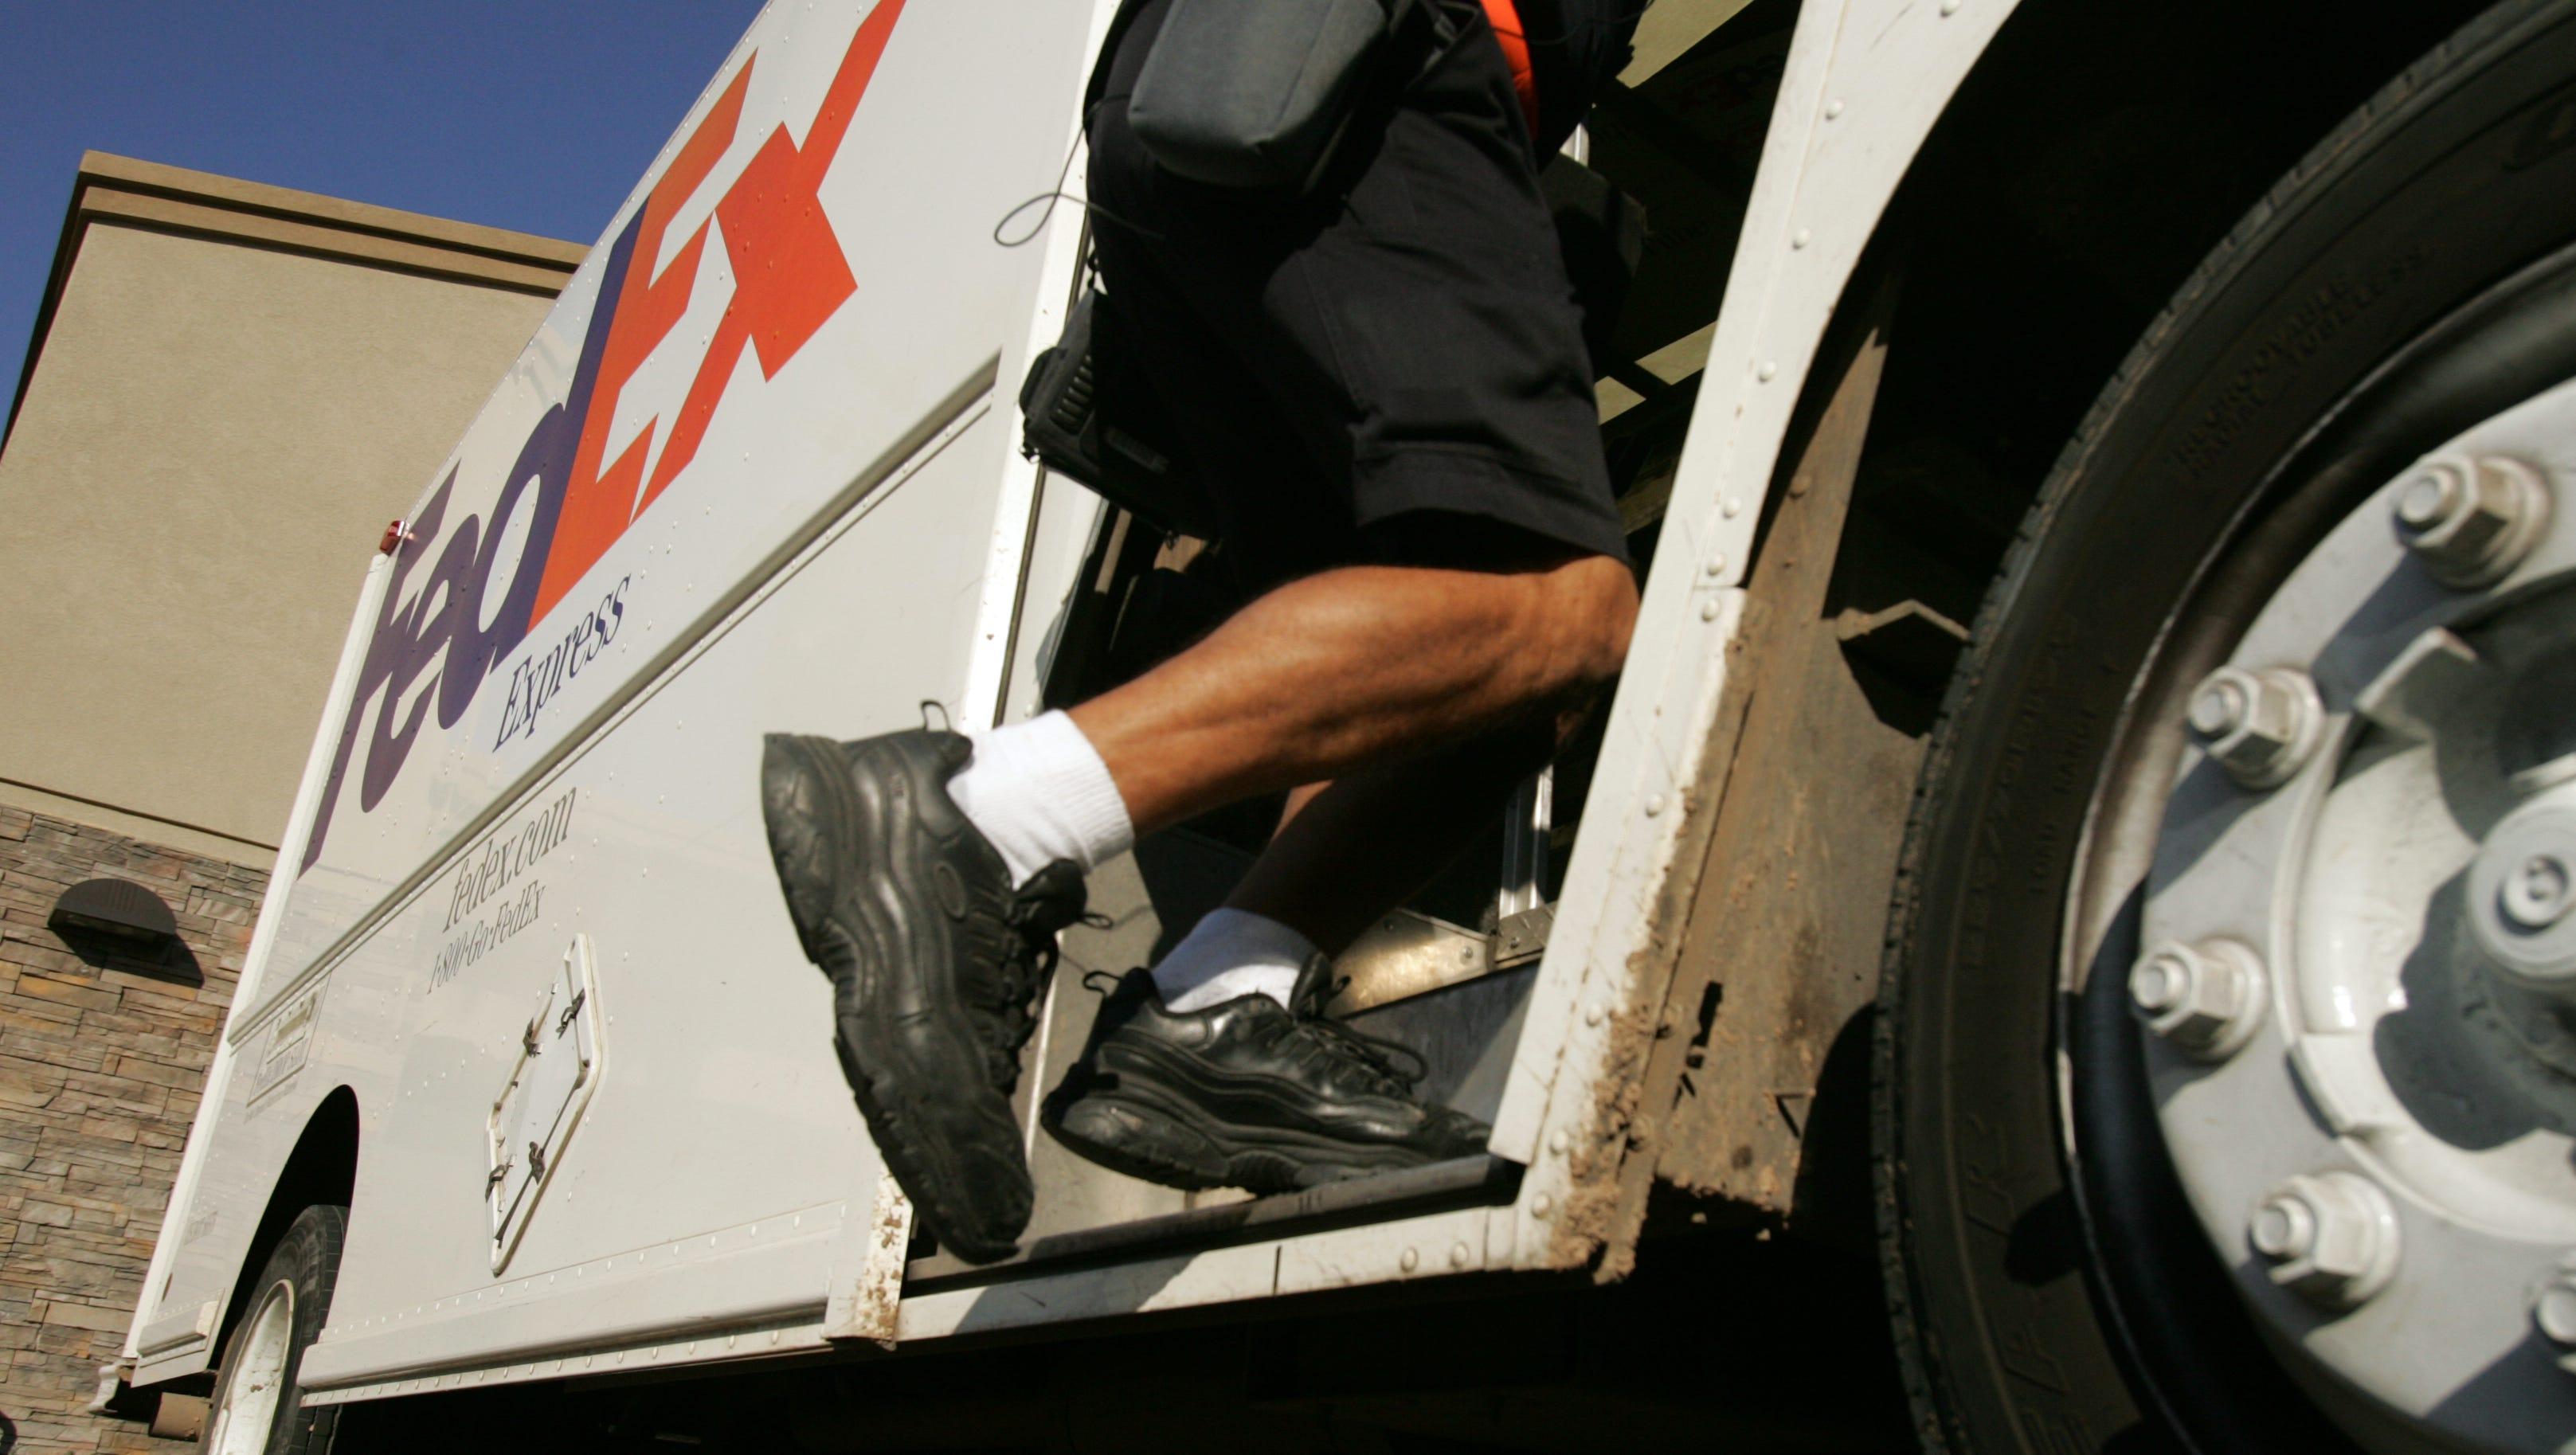 FedEx truck stolen